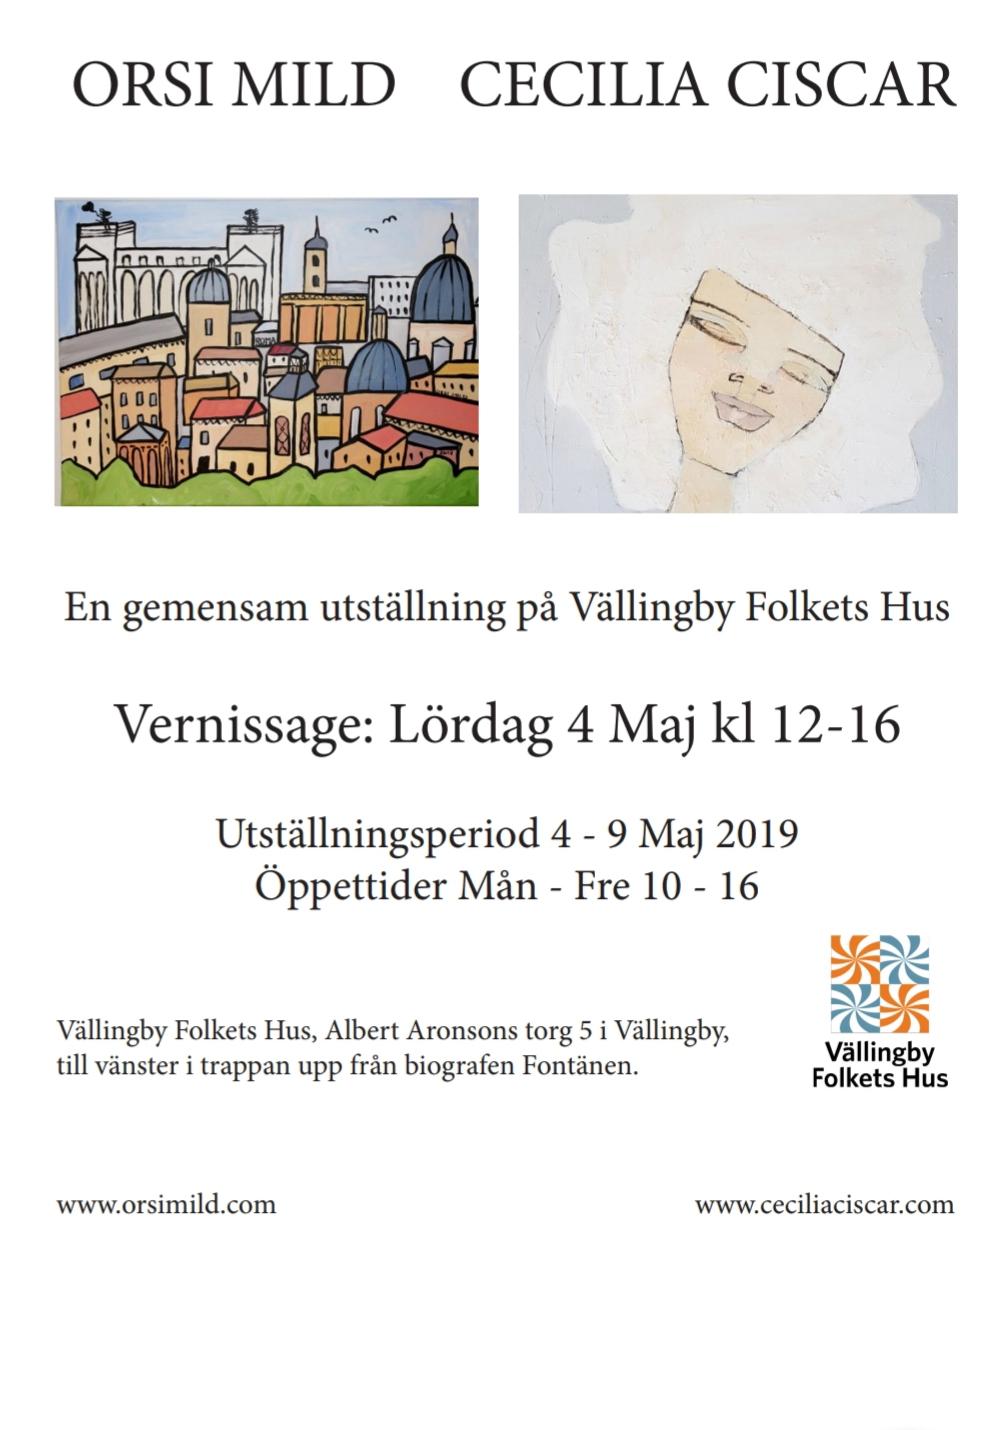 Utställningen med Orsi MIld på Vällingby Folkets hus, närmar sig med stormsteg! Det ser jag fram emot!